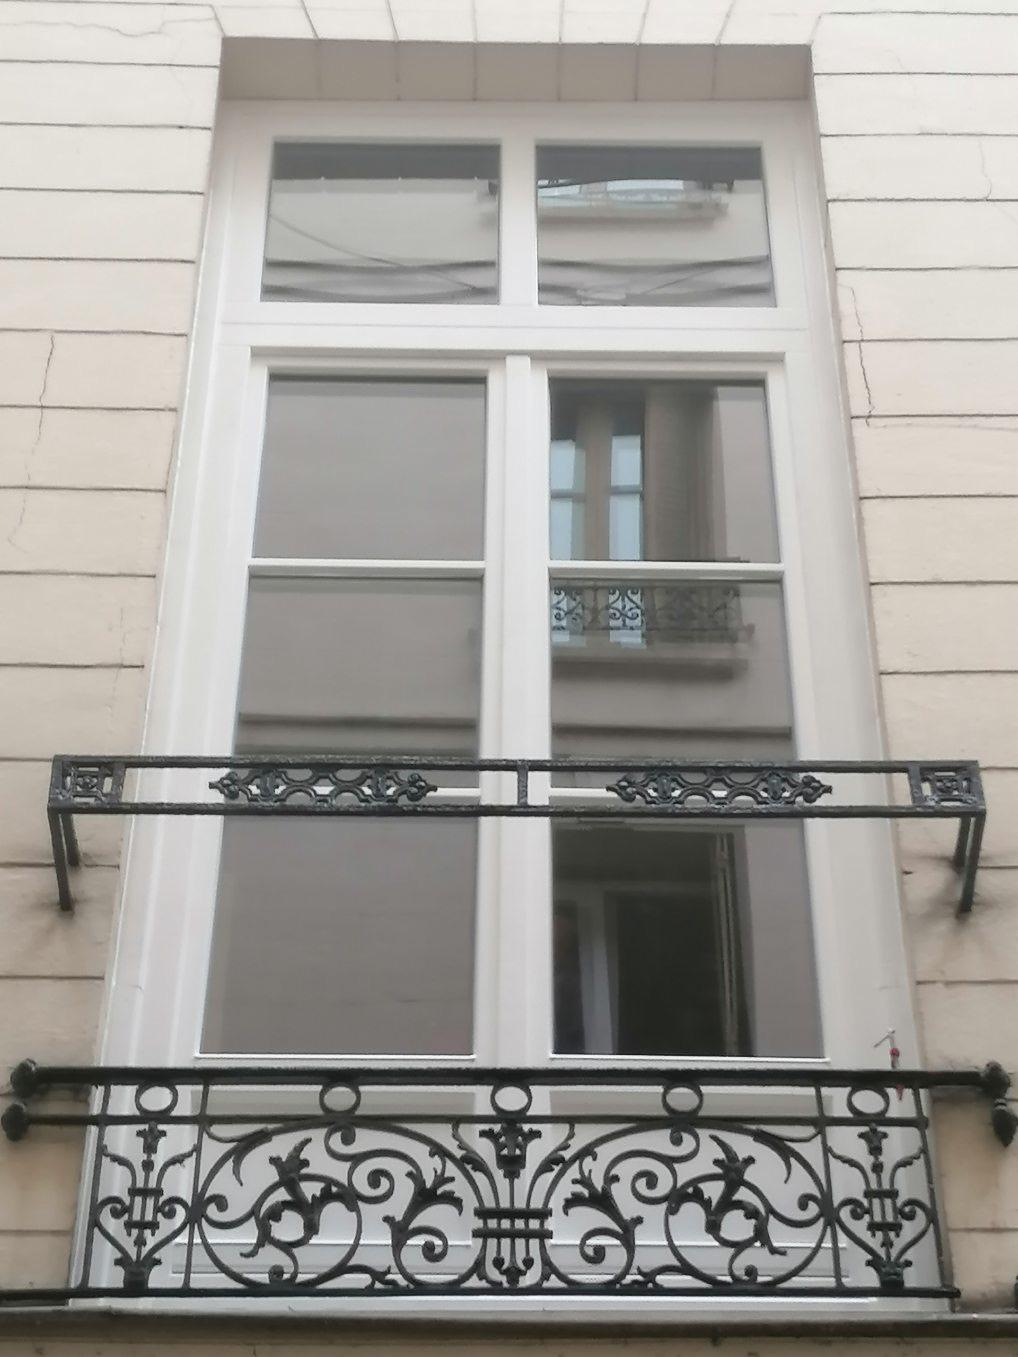 Pose de portes fenêtres en bois en centre ville de Rouen